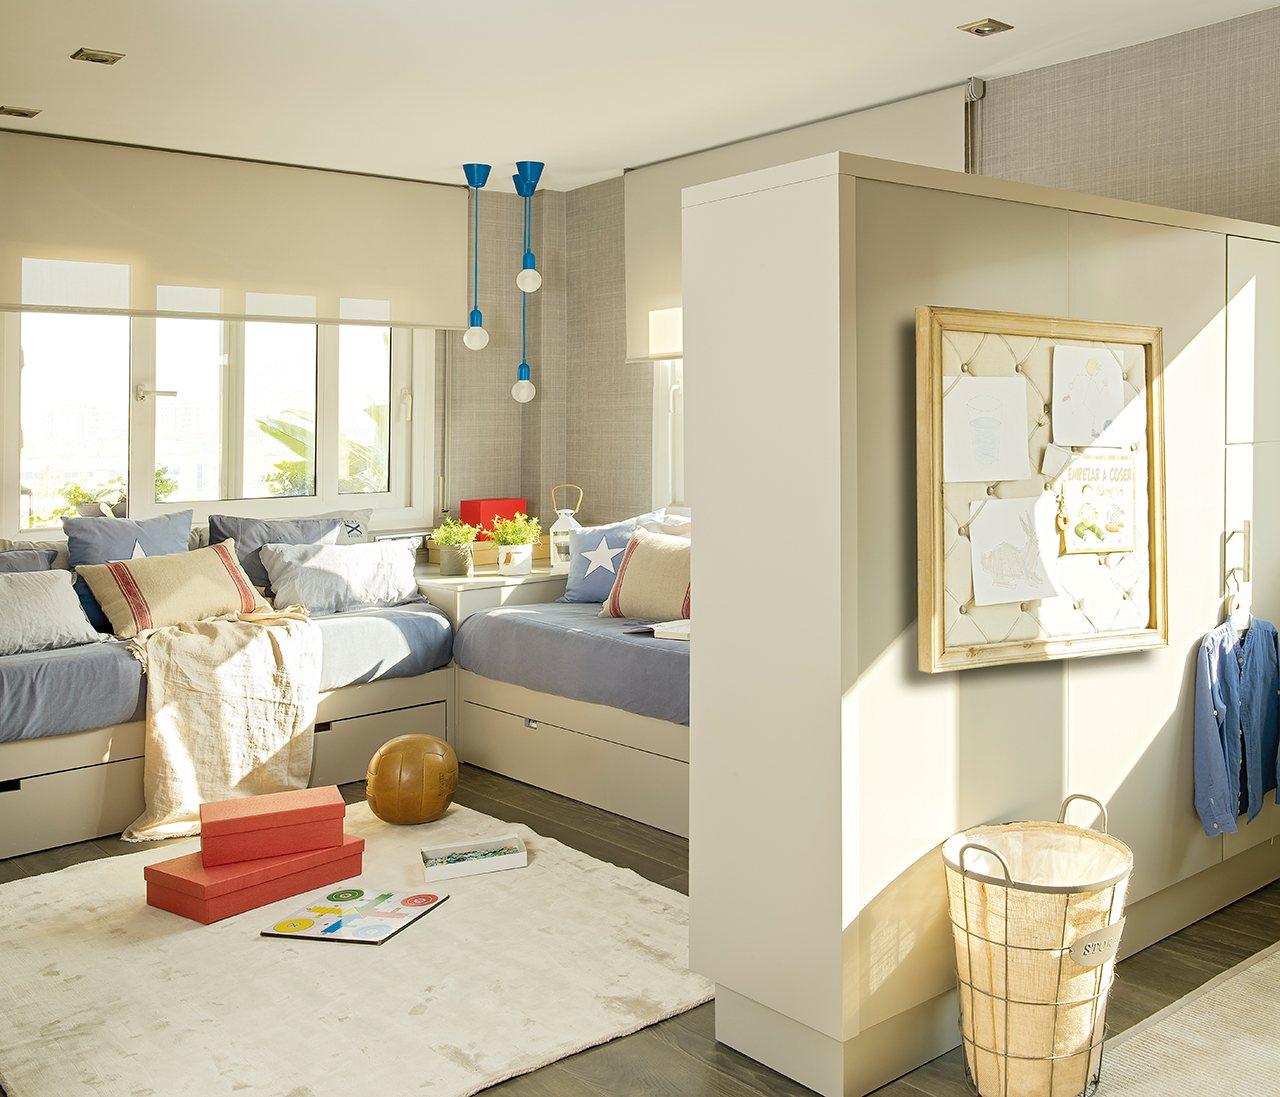 Tres dormitorios para dos crecer y compartir - El mueble dormitorio juvenil ...